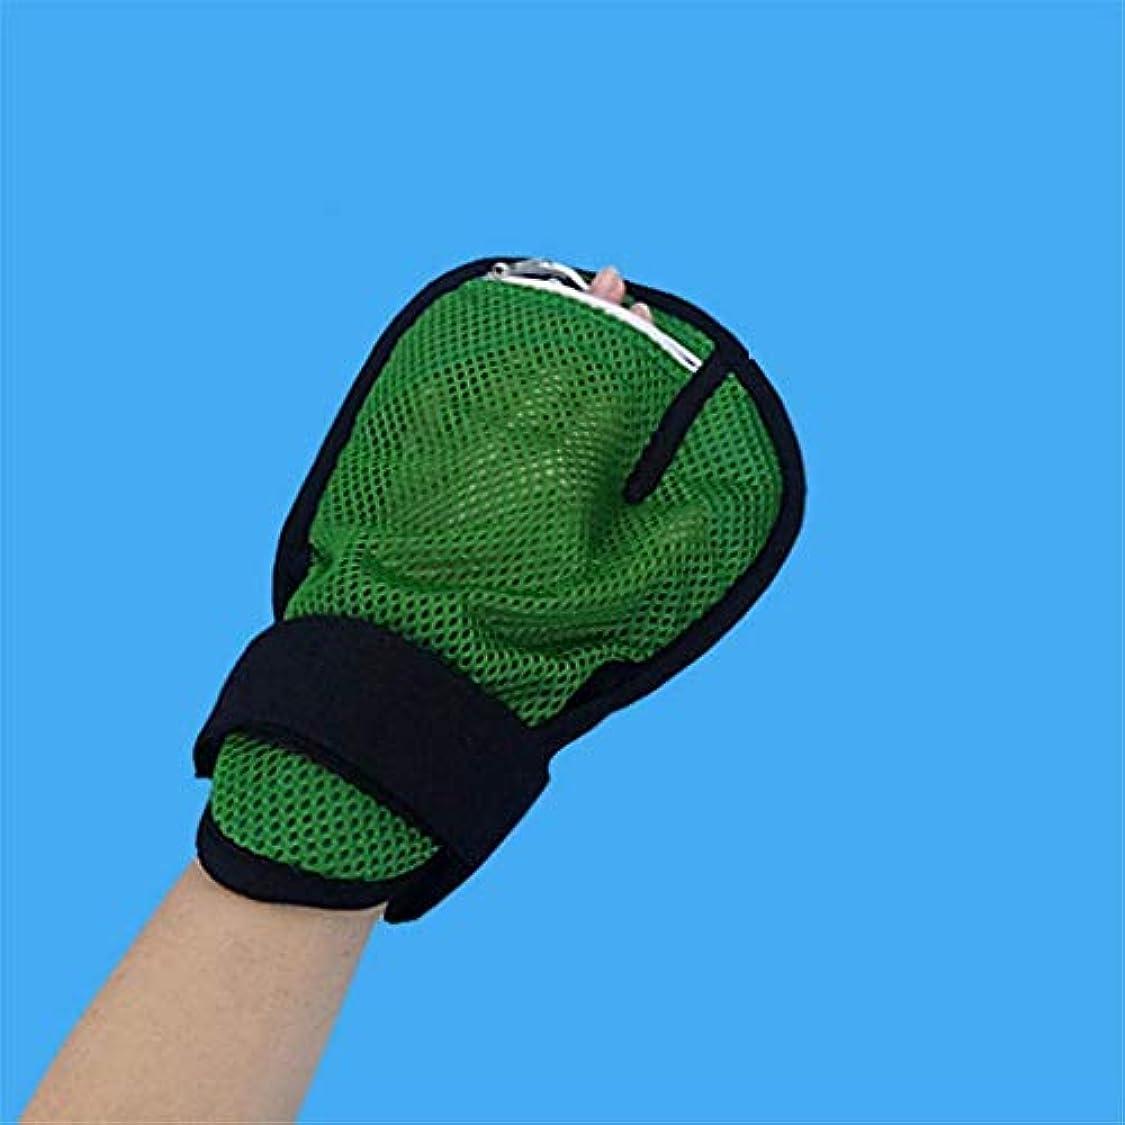 発生落胆した持ってるフィンガーコントロールミット - 忍耐強い手の手の感染保護装置、適切な通気性の保護安全装置指